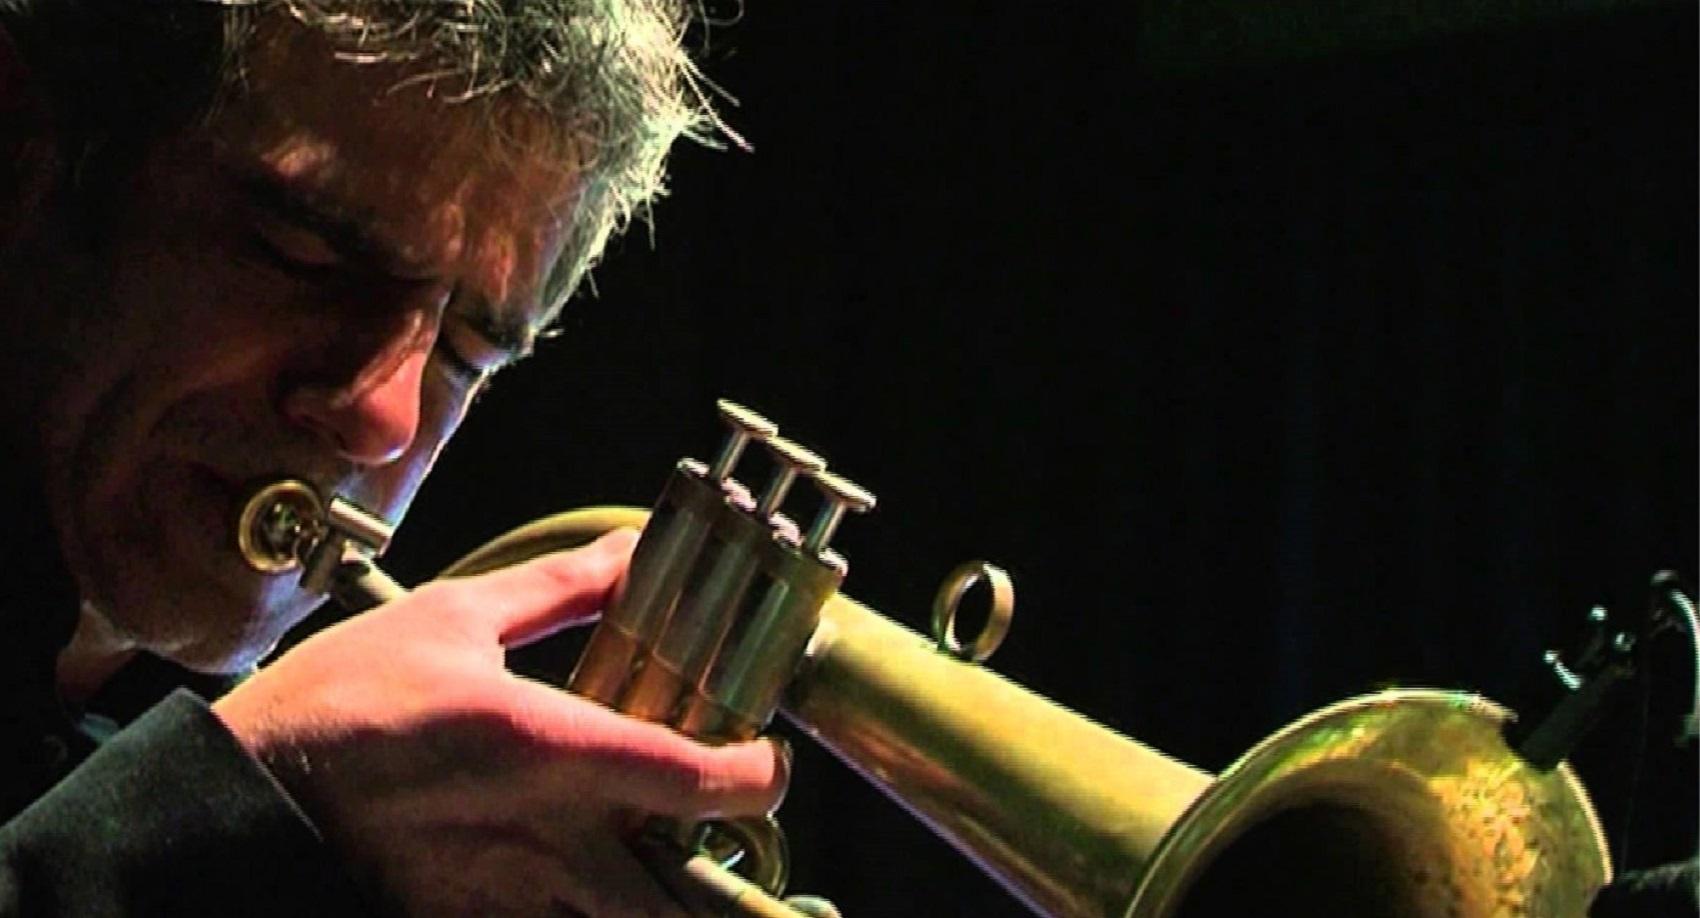 iSole aMare: Emma Fenu intervista Paolo Fresu in un percorso musicale a bordo di una mongolfiera metaforica